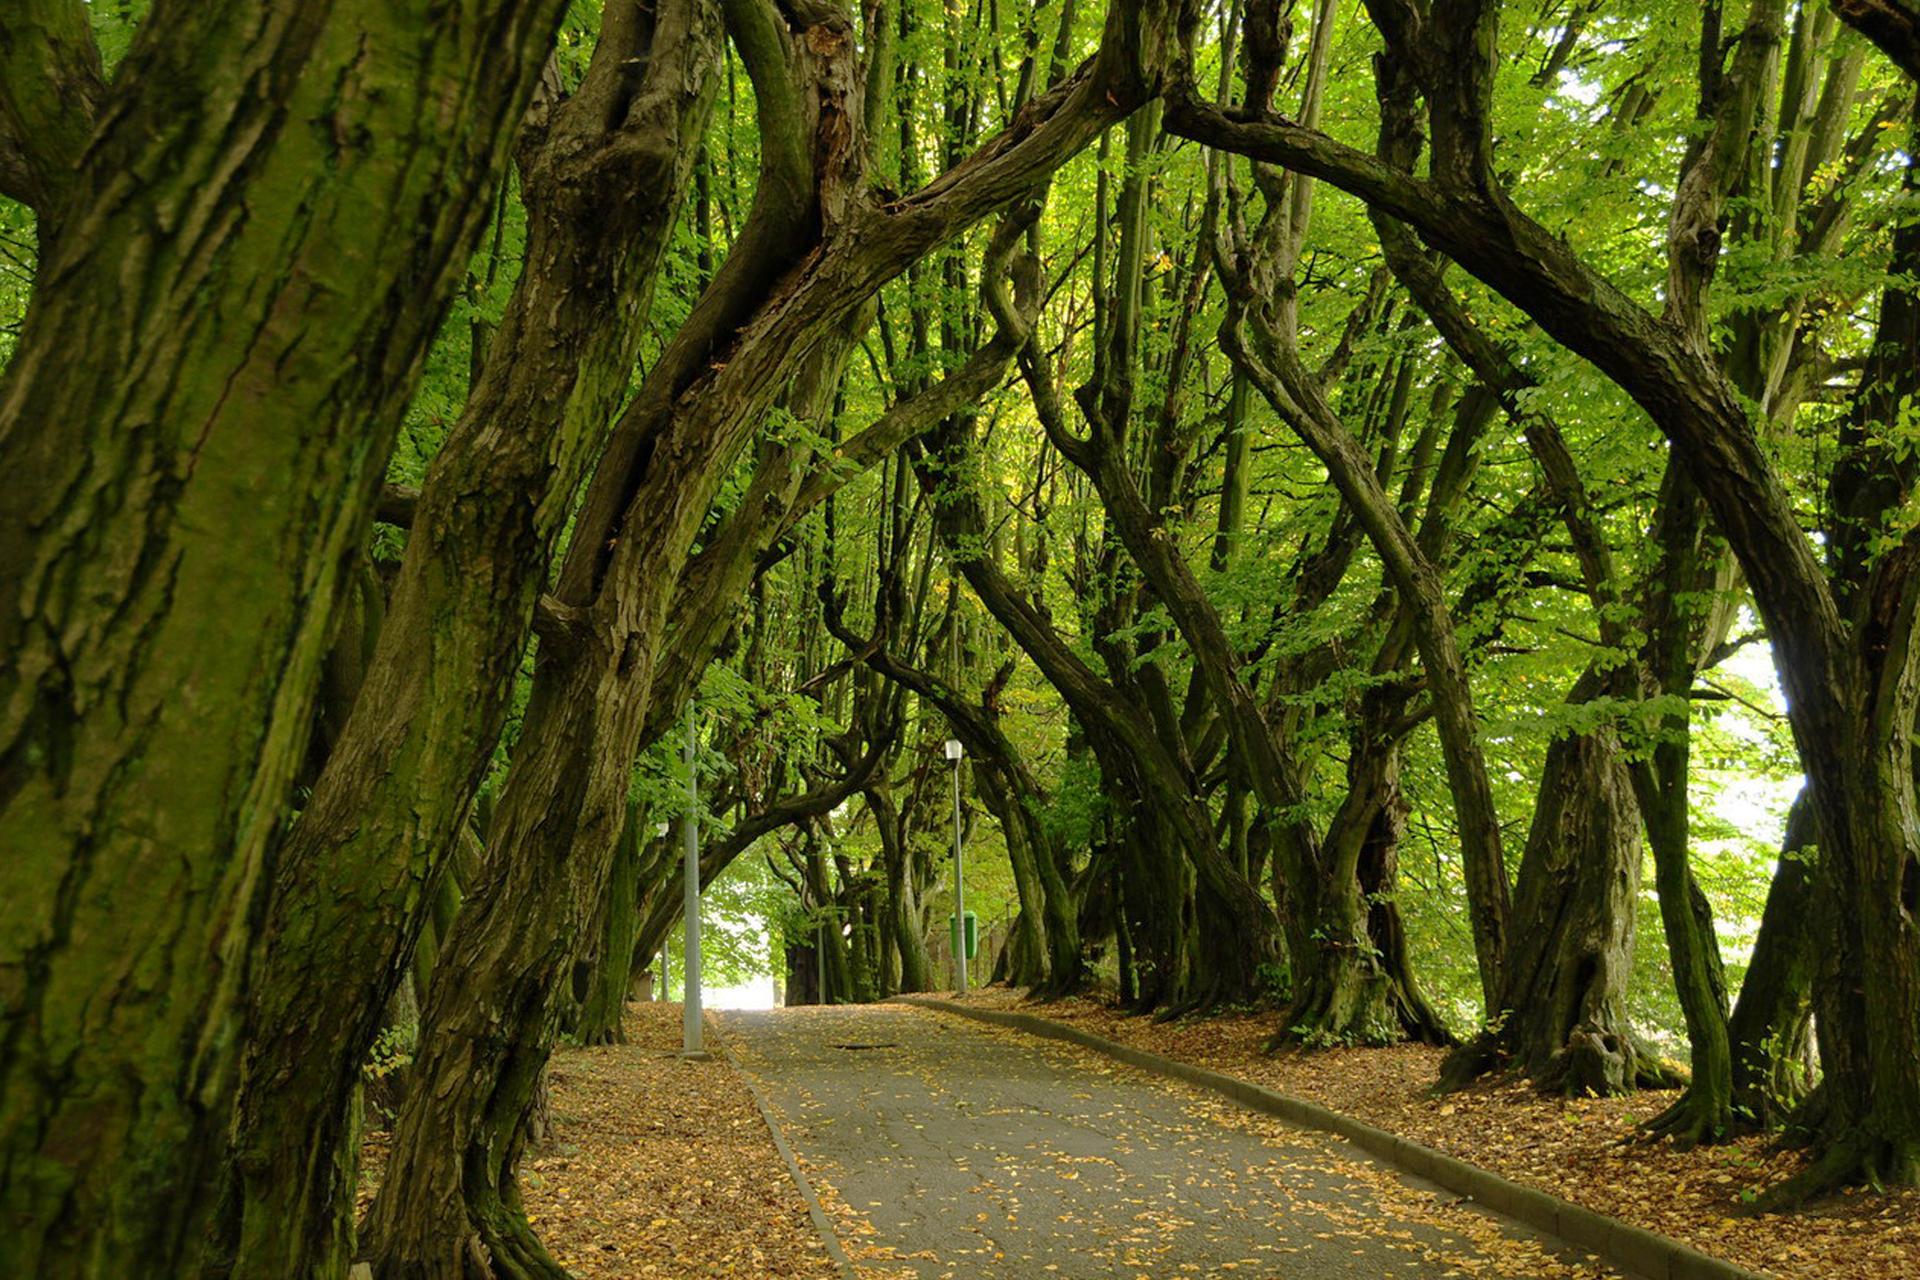 Fotografia przedstawia alejkę, otoczoną wiekowymi drzewami. Mają grube pnie iwygięte konary, tworzące łuk. To aleja grabowa wZłocieniu, która jest pomnikiem przyrody.